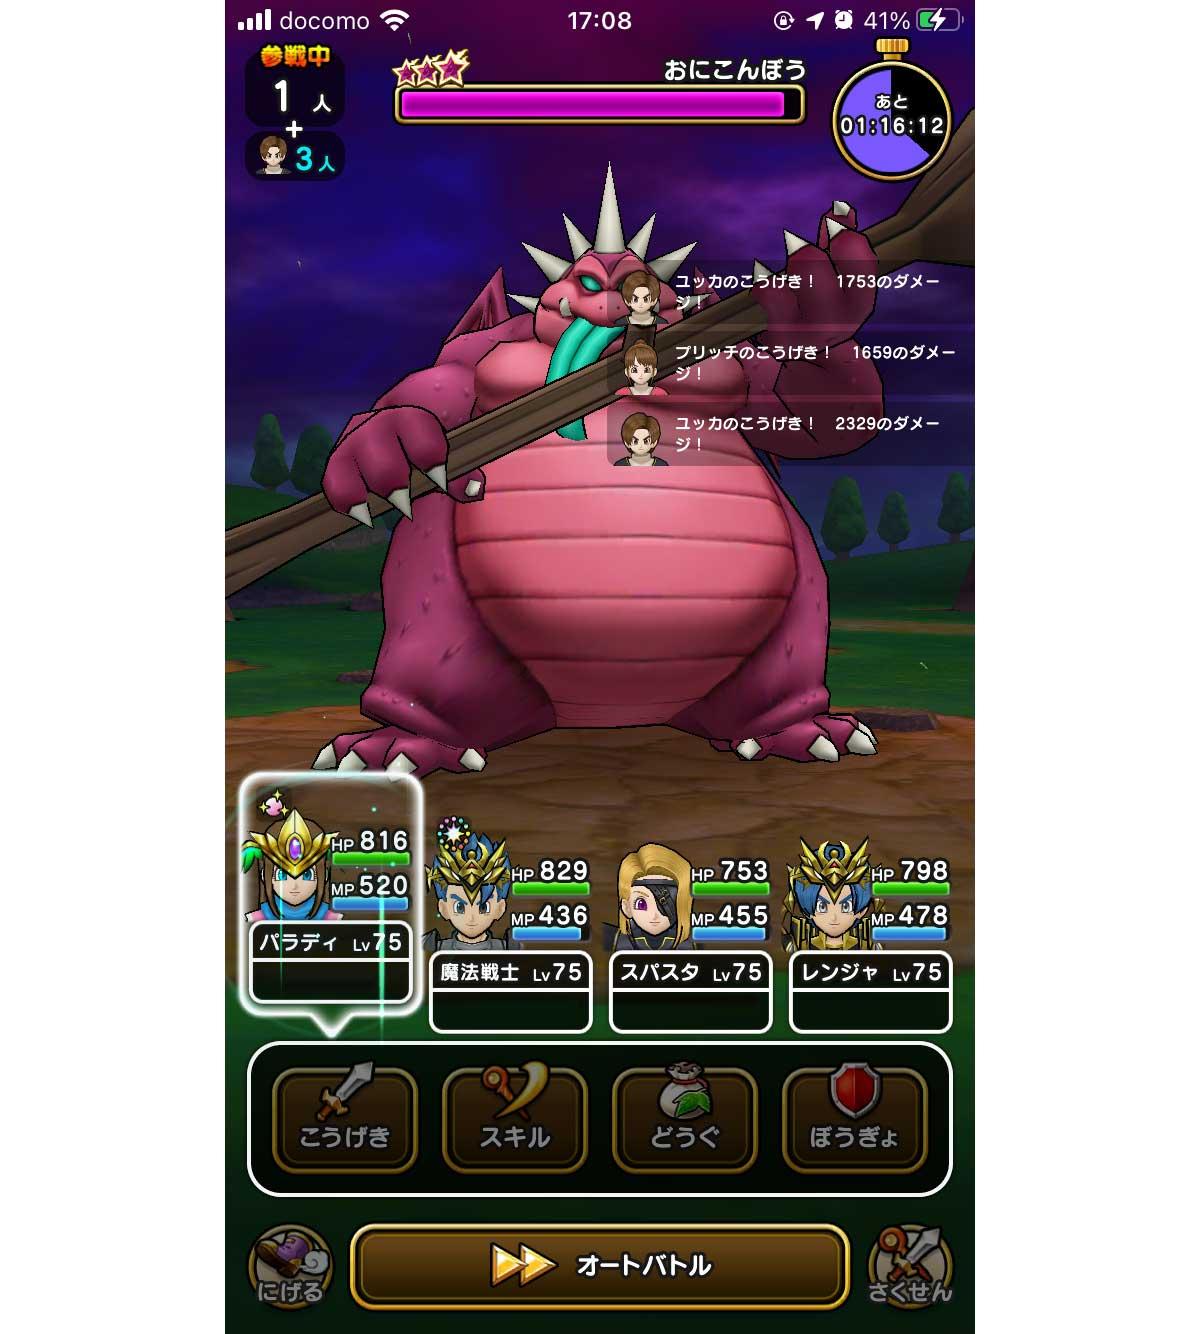 おにこんぼうに勝てない人への安定攻略法!スーパースターをメガモン戦に活用しフルオートで鬼棍棒を倒そうう! dragonquest-walk-onikonbo-img_5819